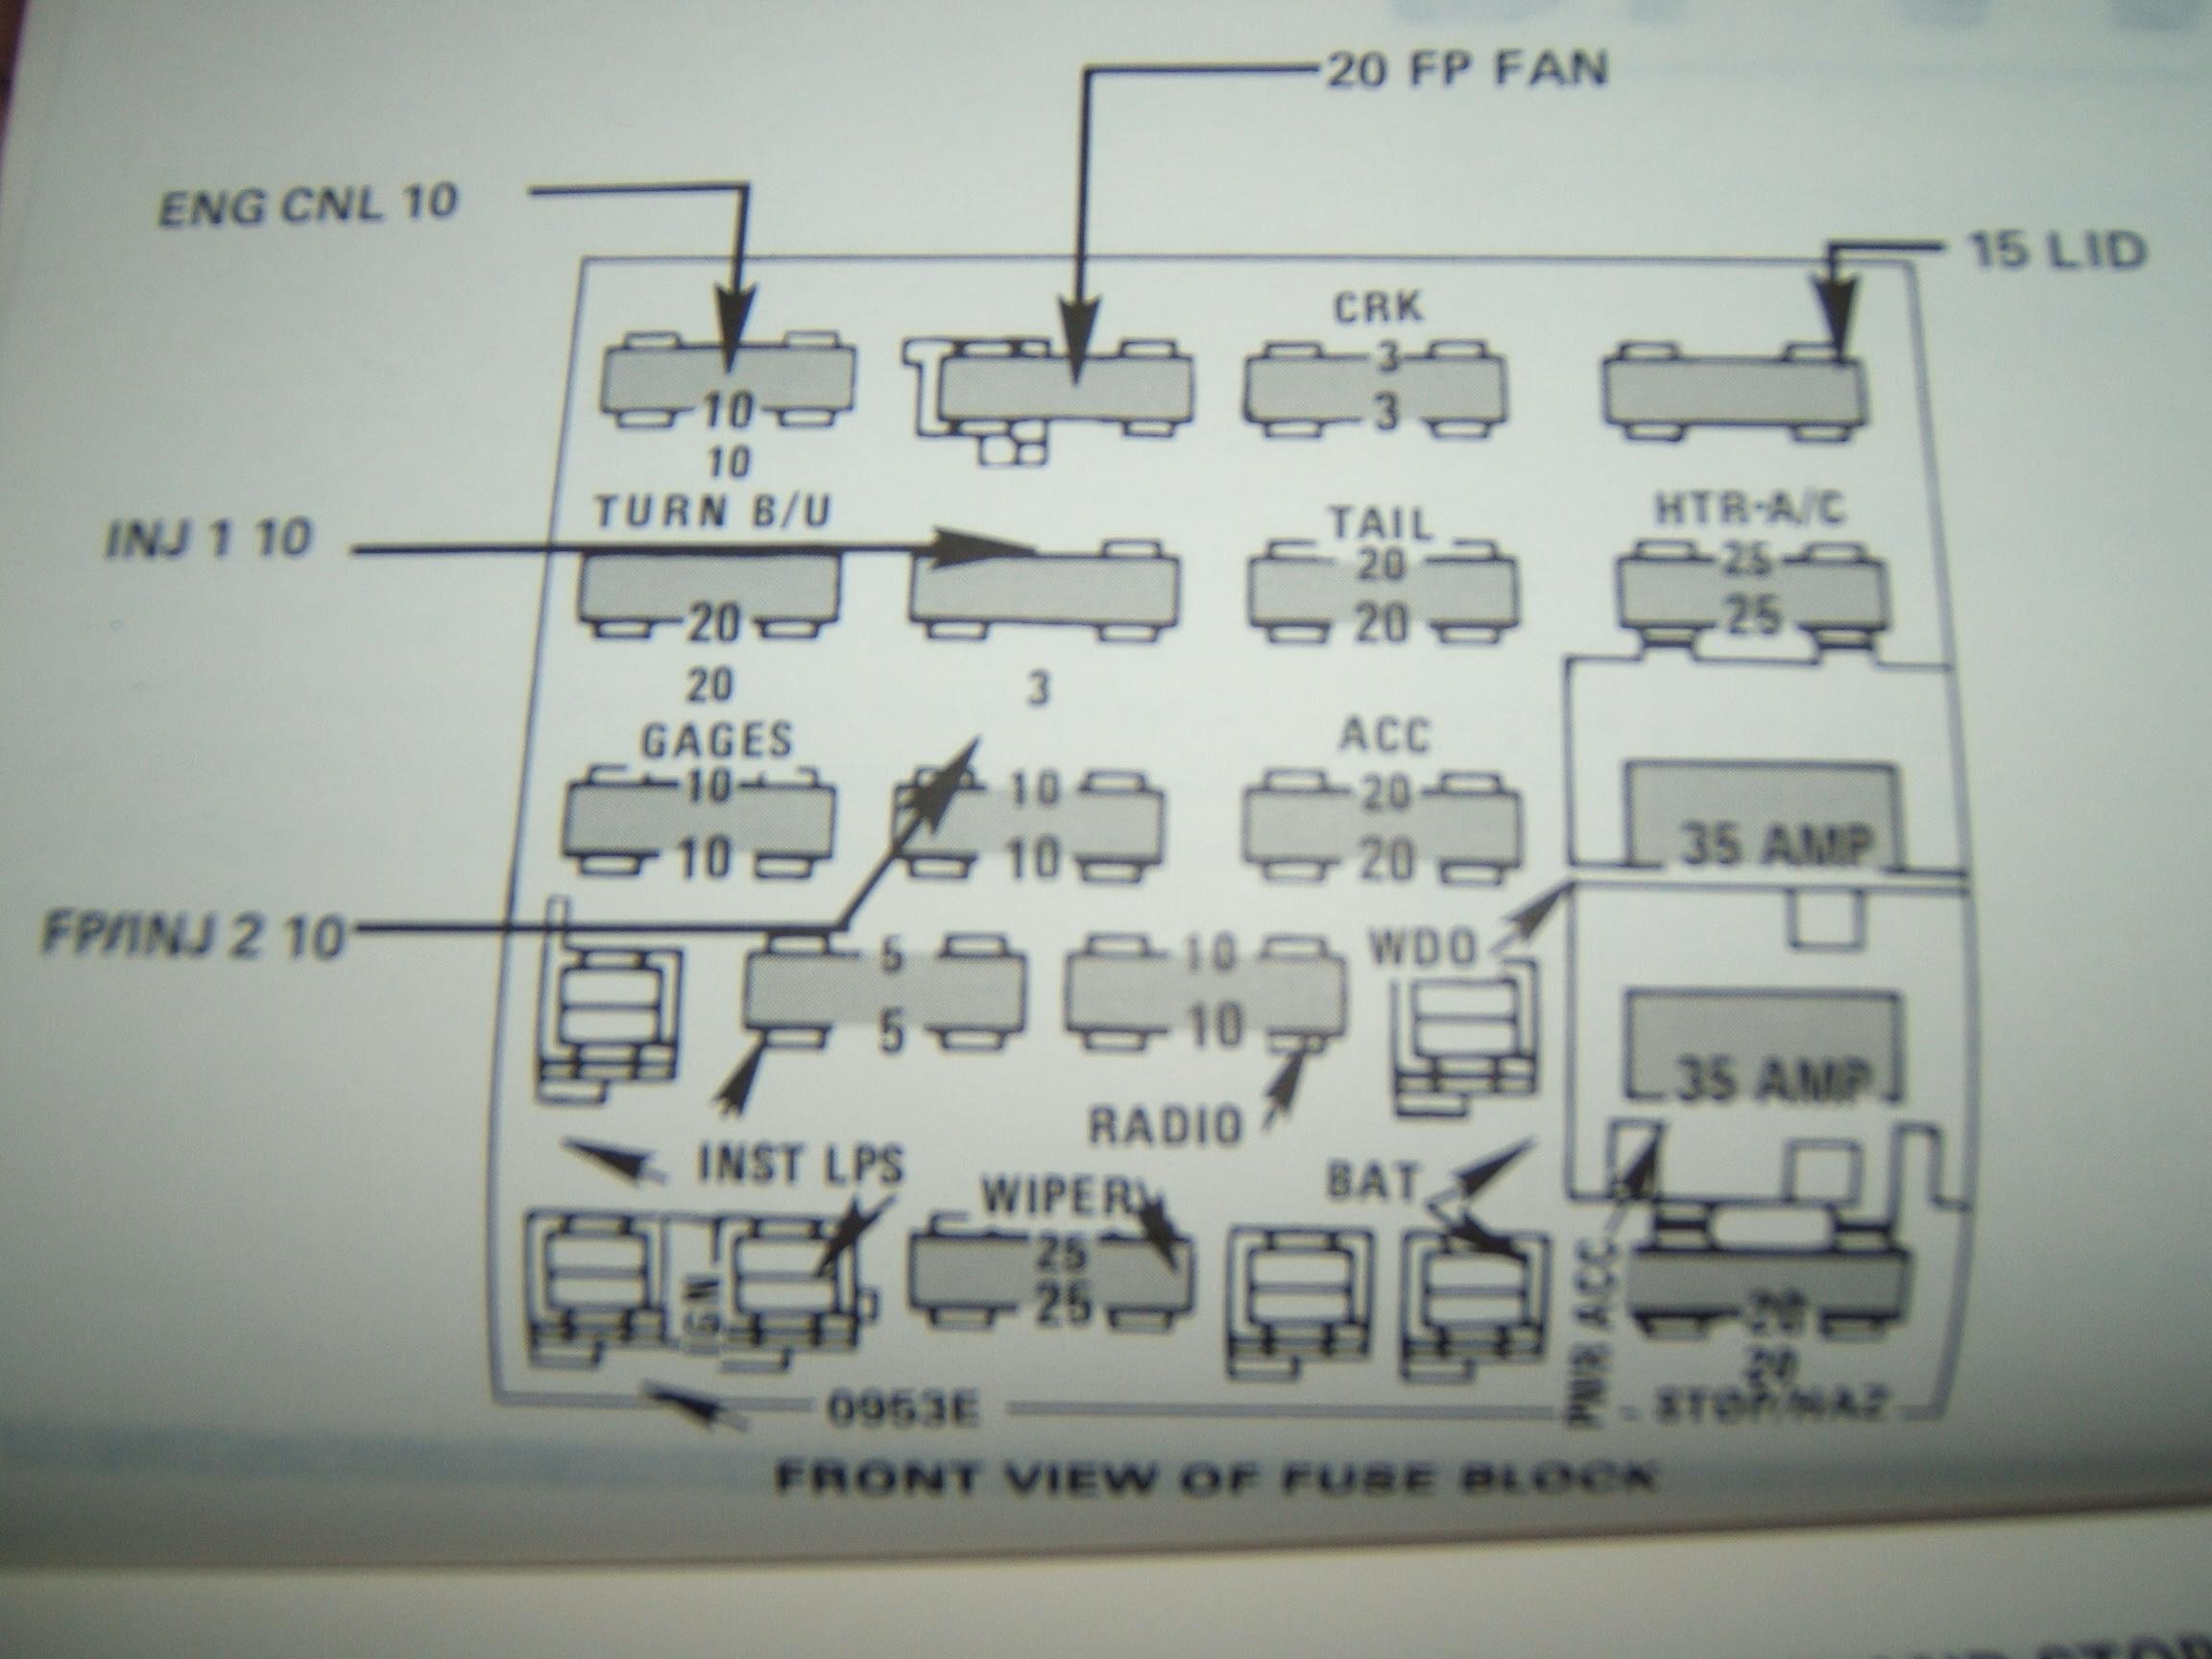 Iroc Fuse Box Diagram - Wiring Diagram